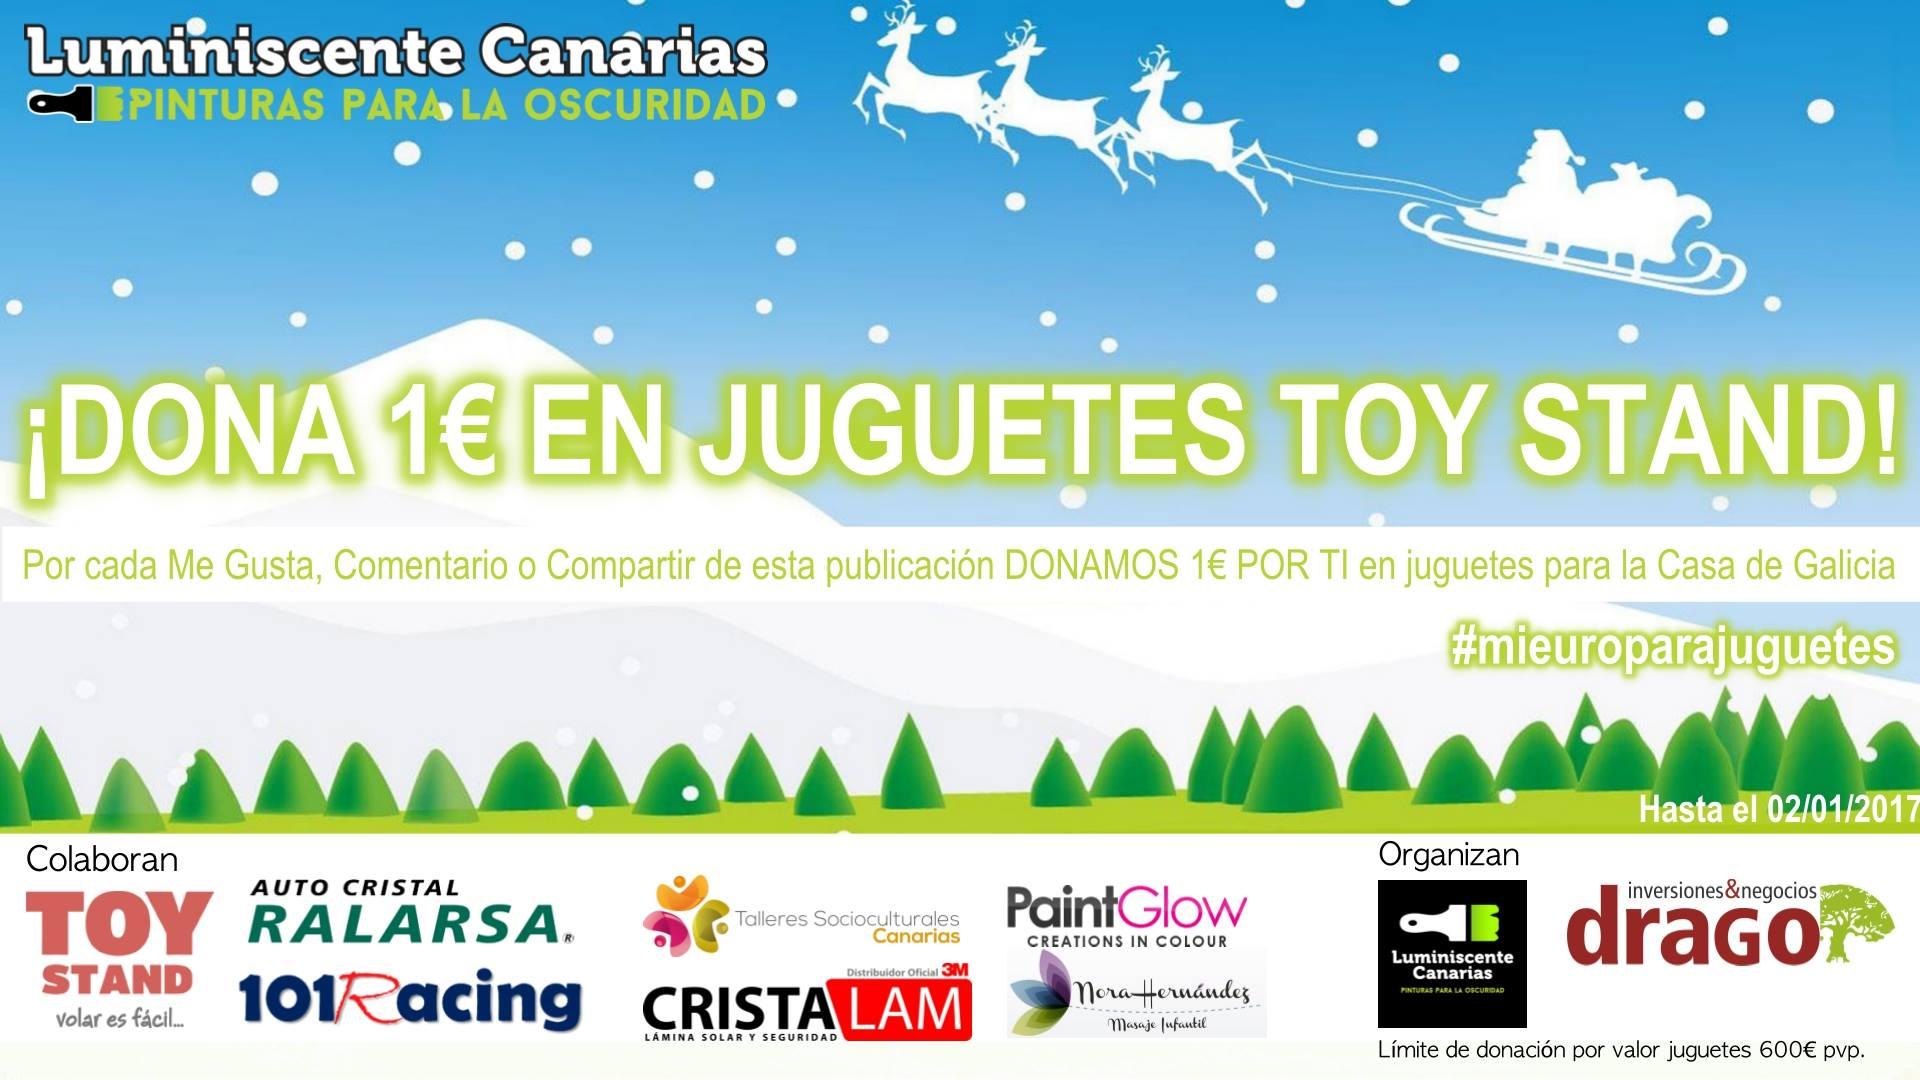 Campaña donación de juguetes Navidad 2016